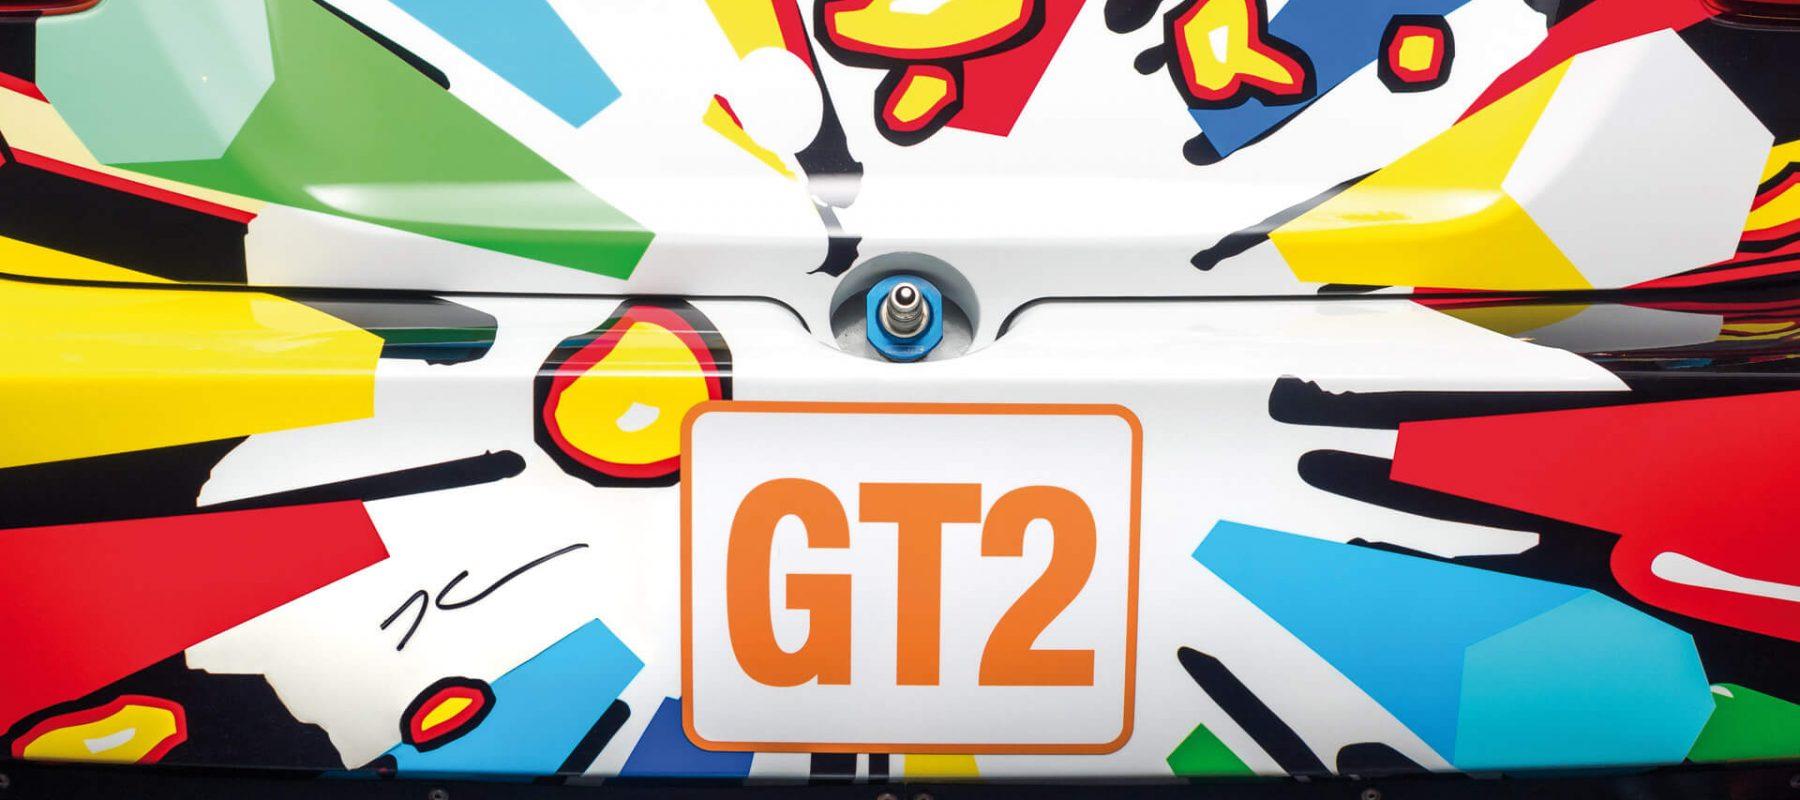 """In der Sonderausstellung """"BMW Art Cars"""" zeigte das Automuseum PROTOTYP 2016/2017 neun dieser rollenden Skulpturen, die von international renommierten Künstlern wie z. B. Andy Warhol, Roy Lichtenstein und Jeff Koons gestaltet wurden und auf Rennstrecken wie in großen Museen weltweit für Aufsehen sorgten."""